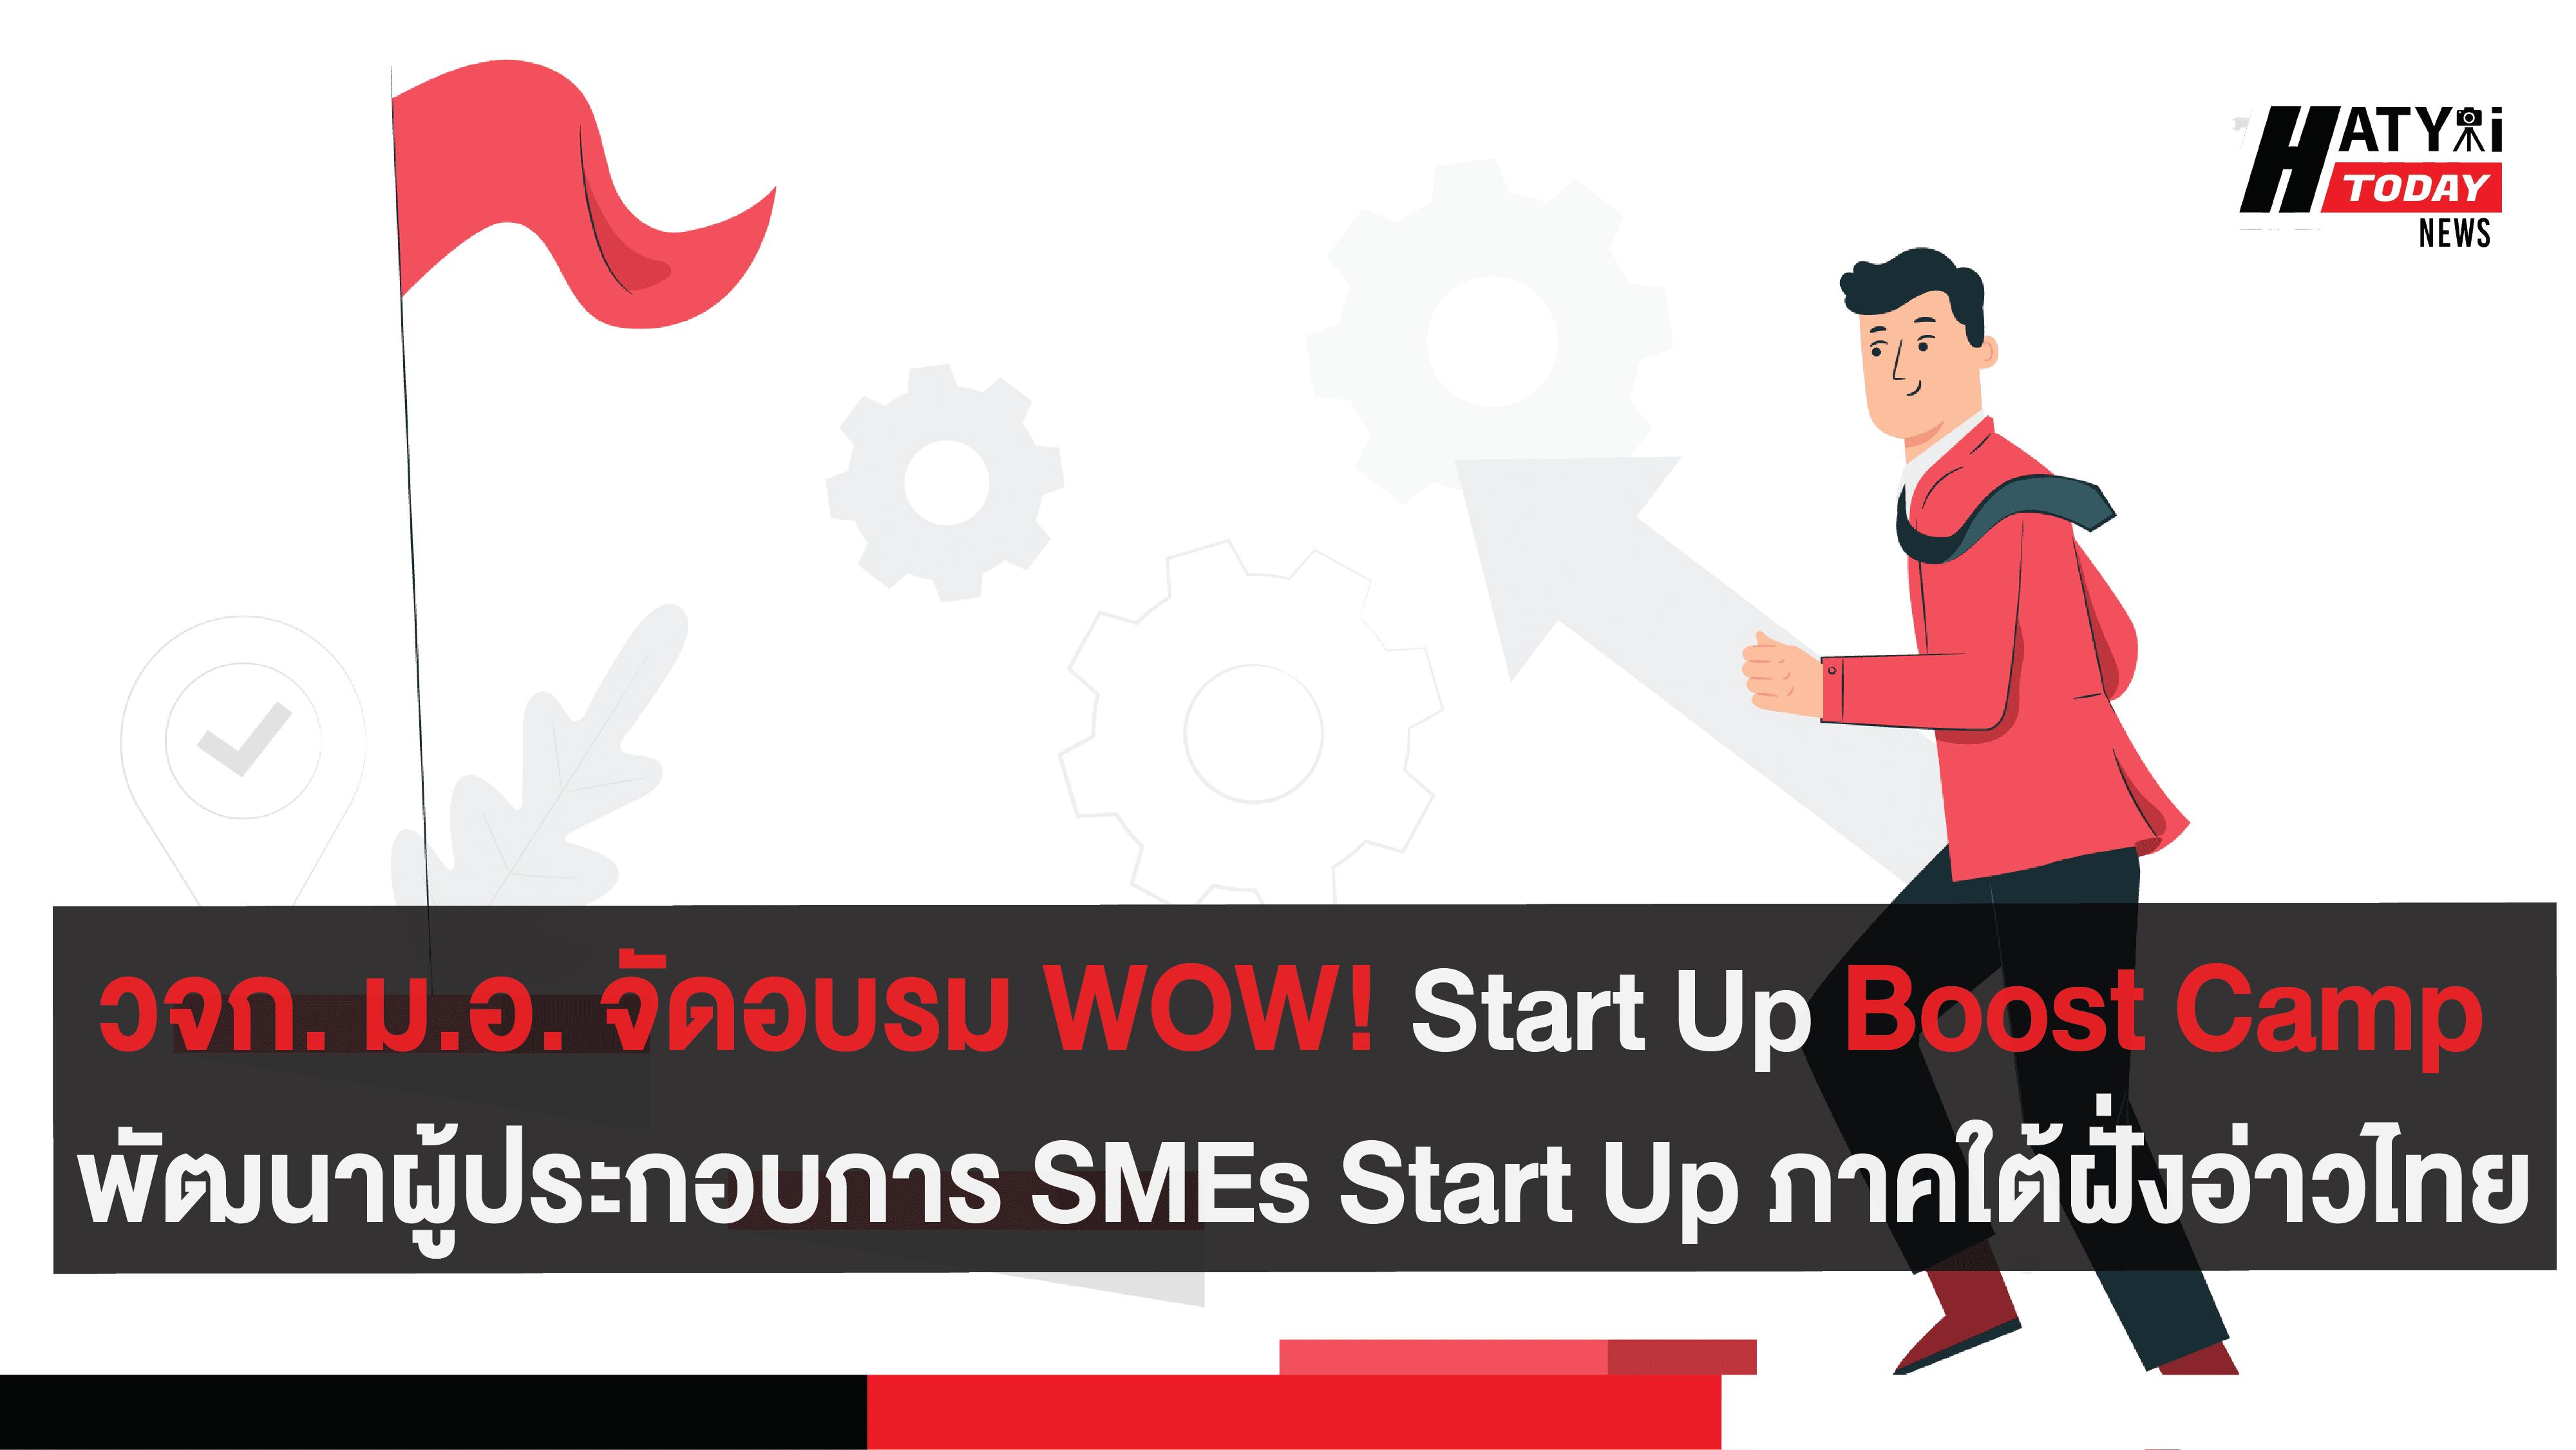 วจก. ม.อ. จัดอบรม WOW! Start Up Boost Camp  พัฒนาผู้ประกอบการ SMEs Start Up ภาคใต้ฝั่งอ่าวไทย